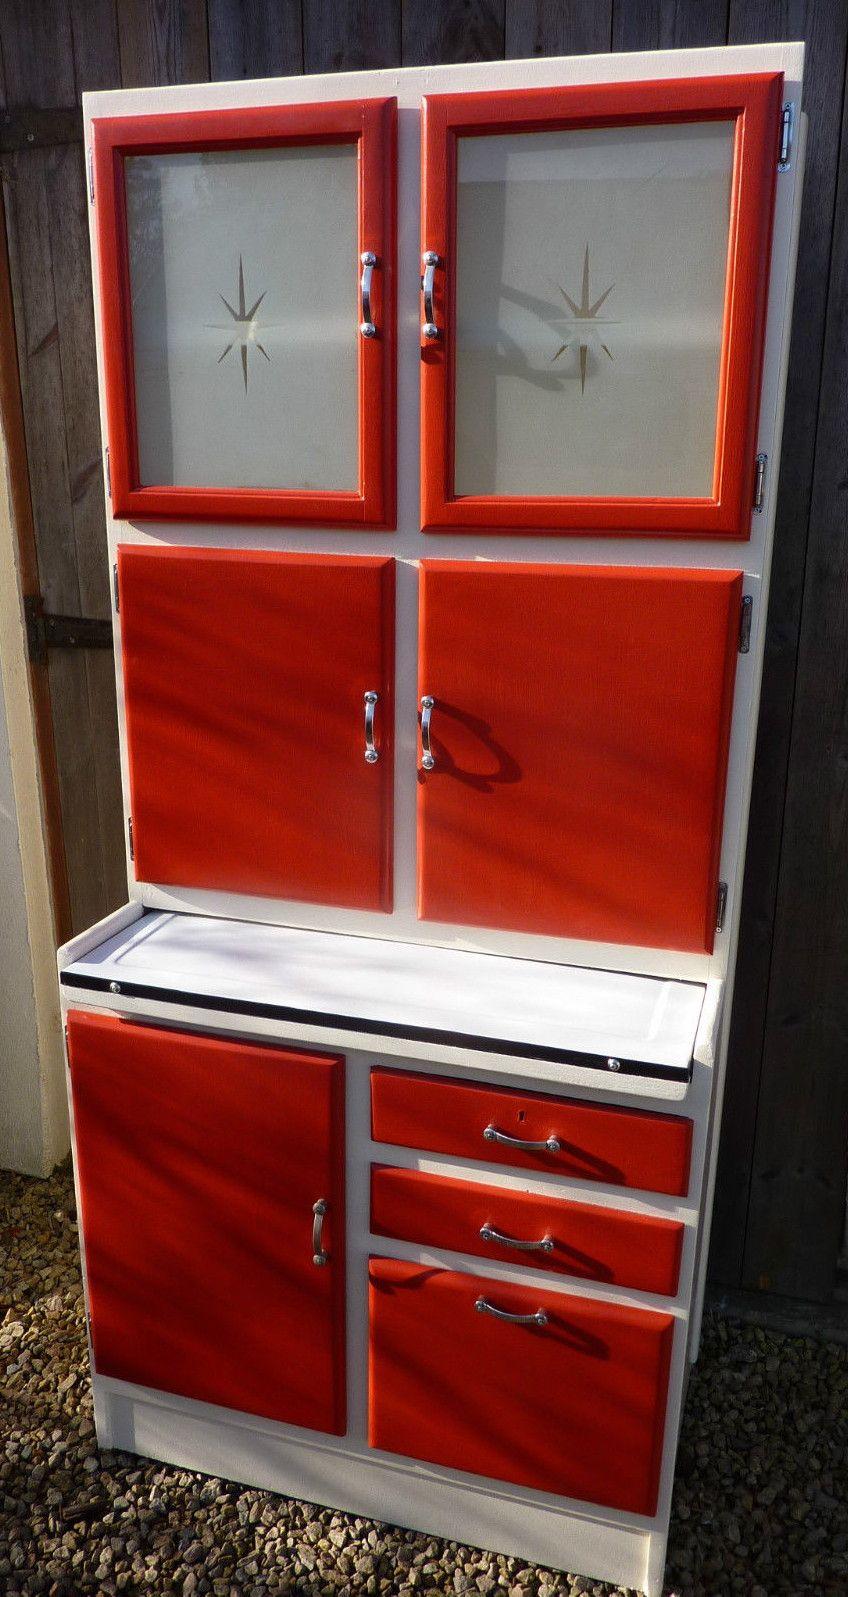 60S Kitchen 1950S60S Kitchen Larder Cupboard  Red Love  Pinterest